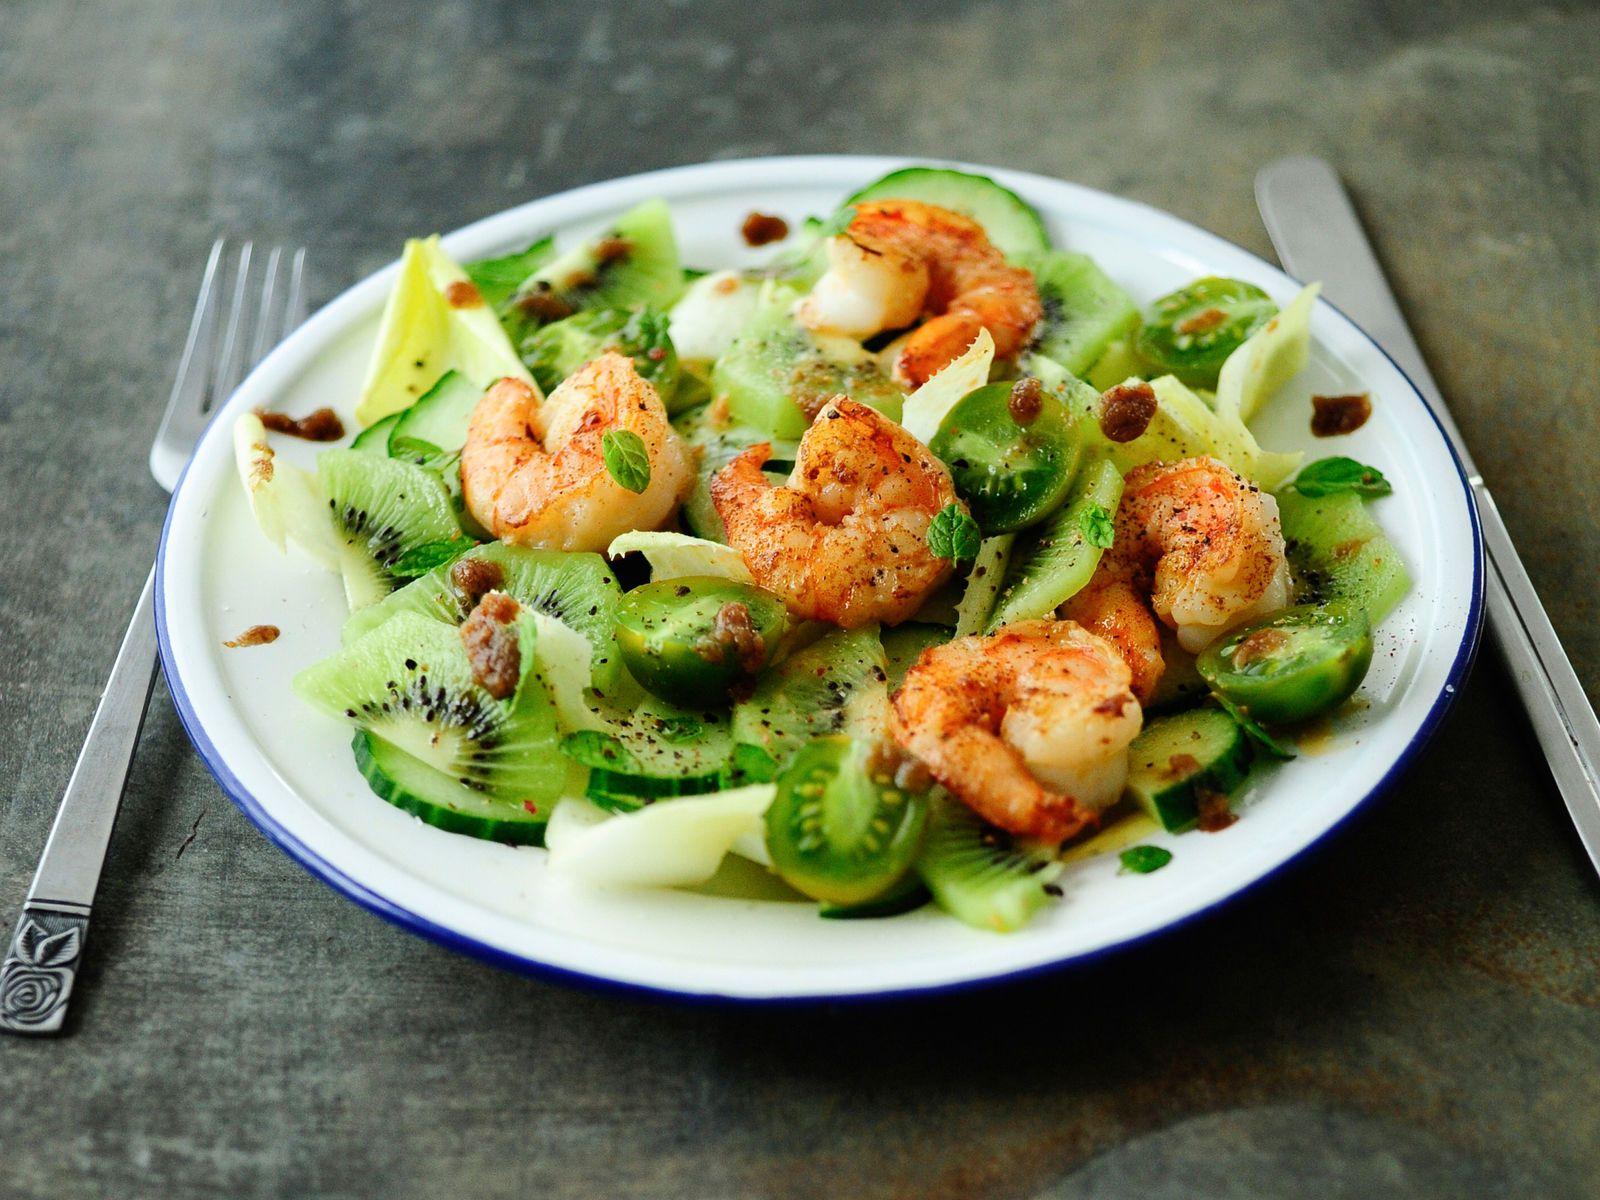 Salade Toute Verte Aux Crevettes Recette Salades Pinterest